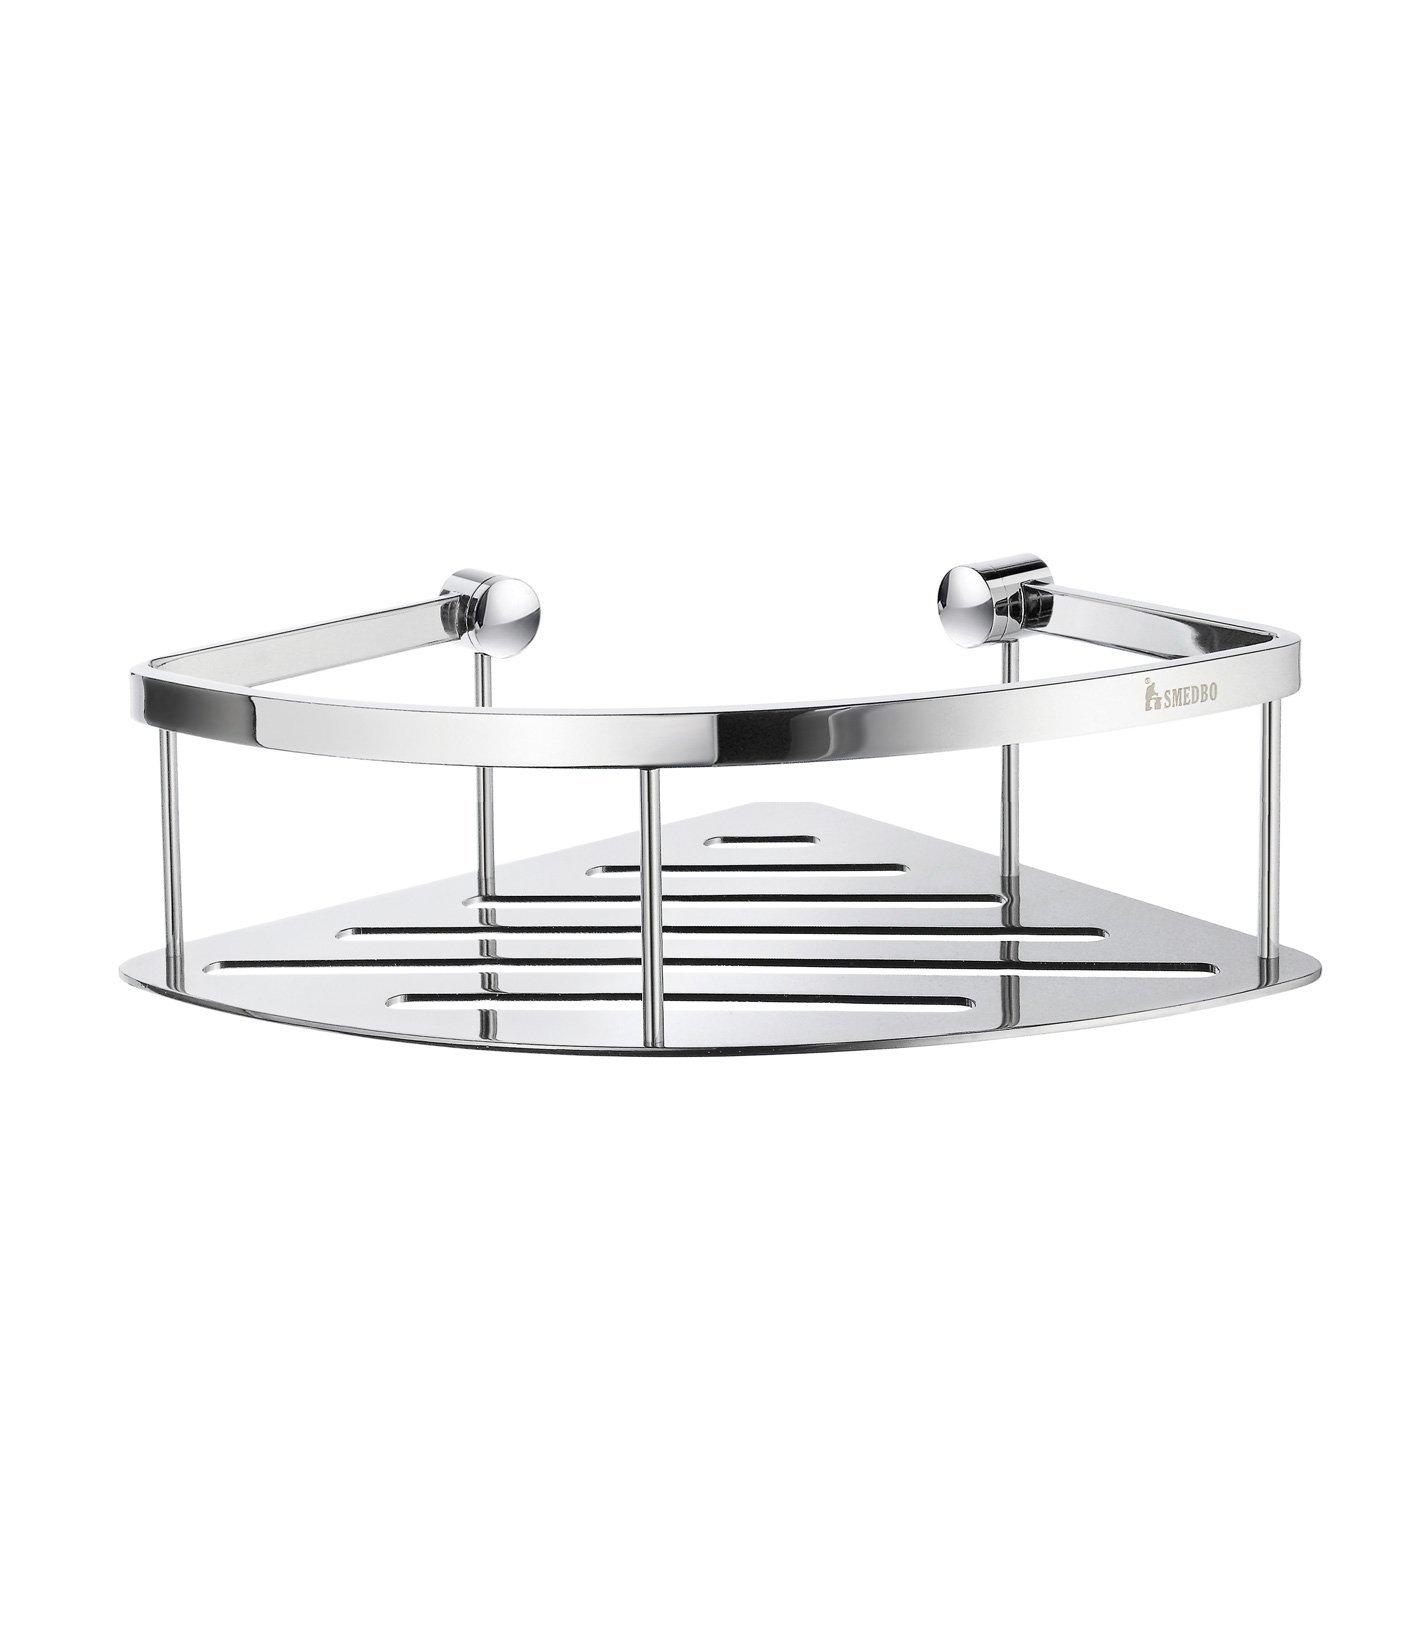 Smedbo DK3031 Design Corner Basket, Polished Chrome